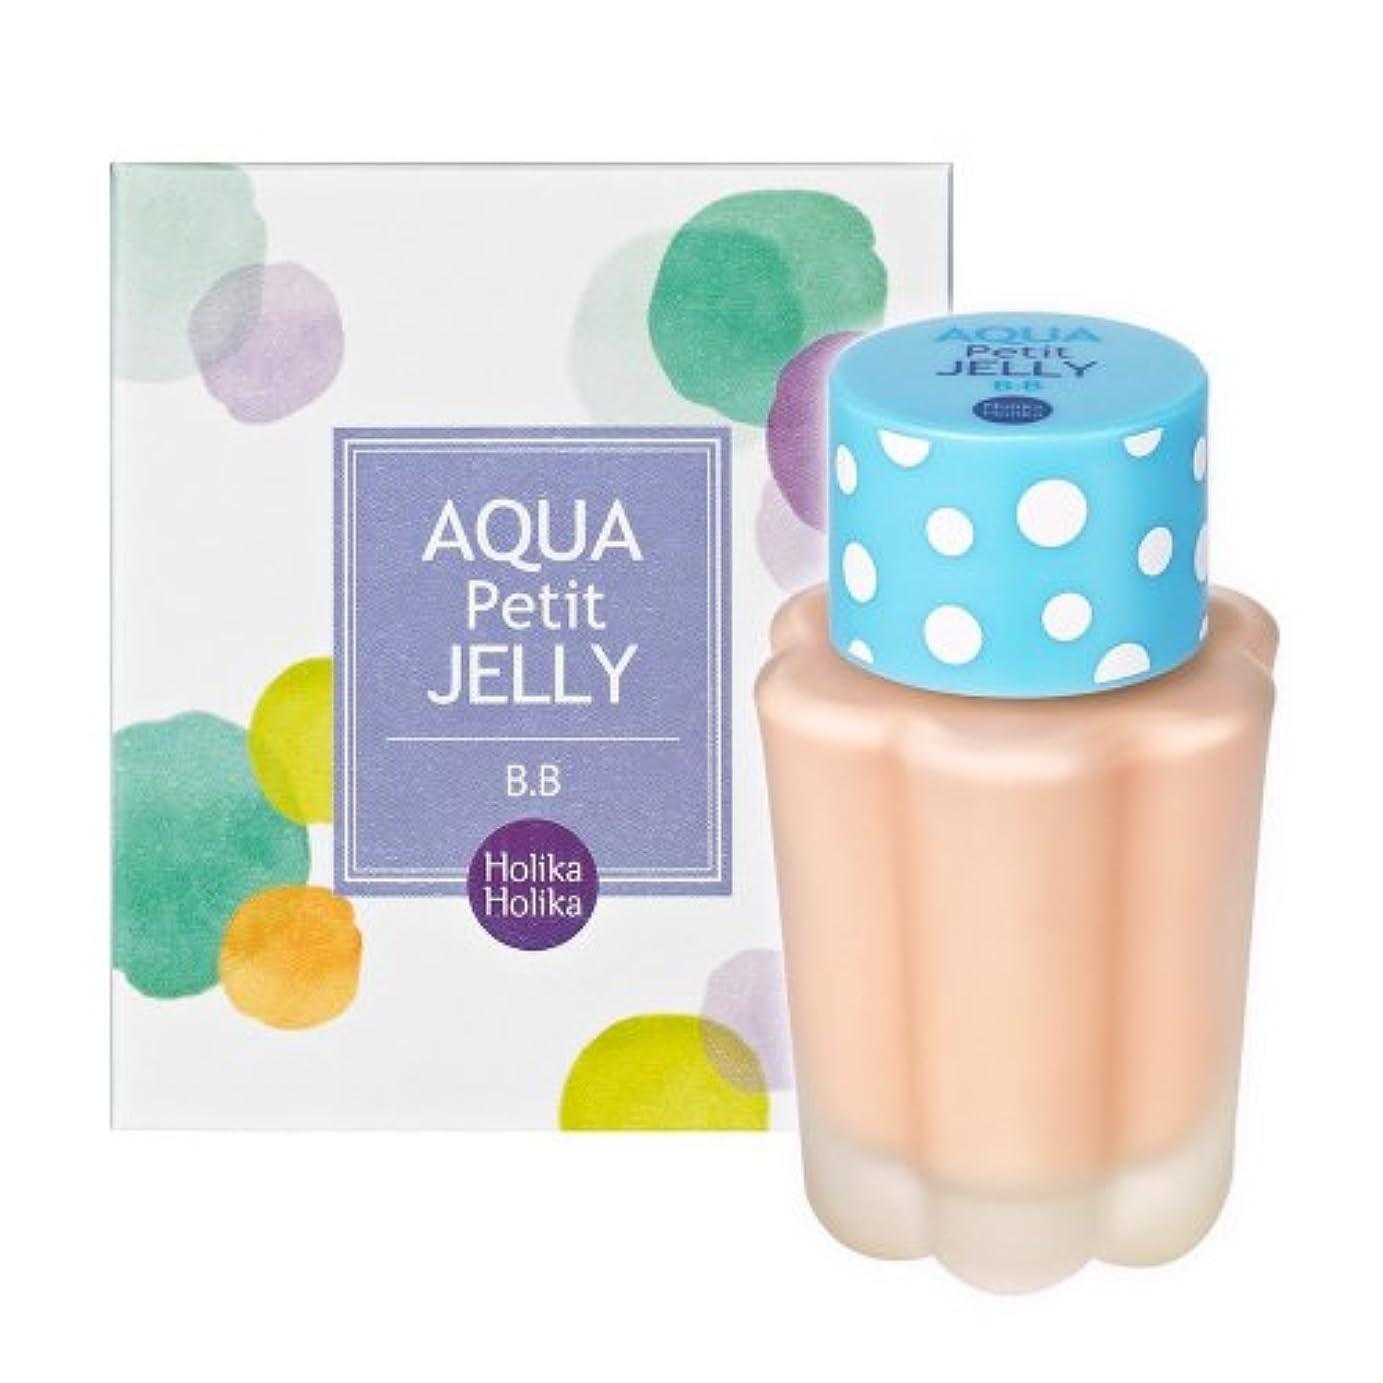 投獄荷物クリックHolika Holika ホリカホリカ アクア?プチ?ゼリー?ビービー?クリーム 40ml #2 (Aqua Petit jelly BB Cream) 海外直送品